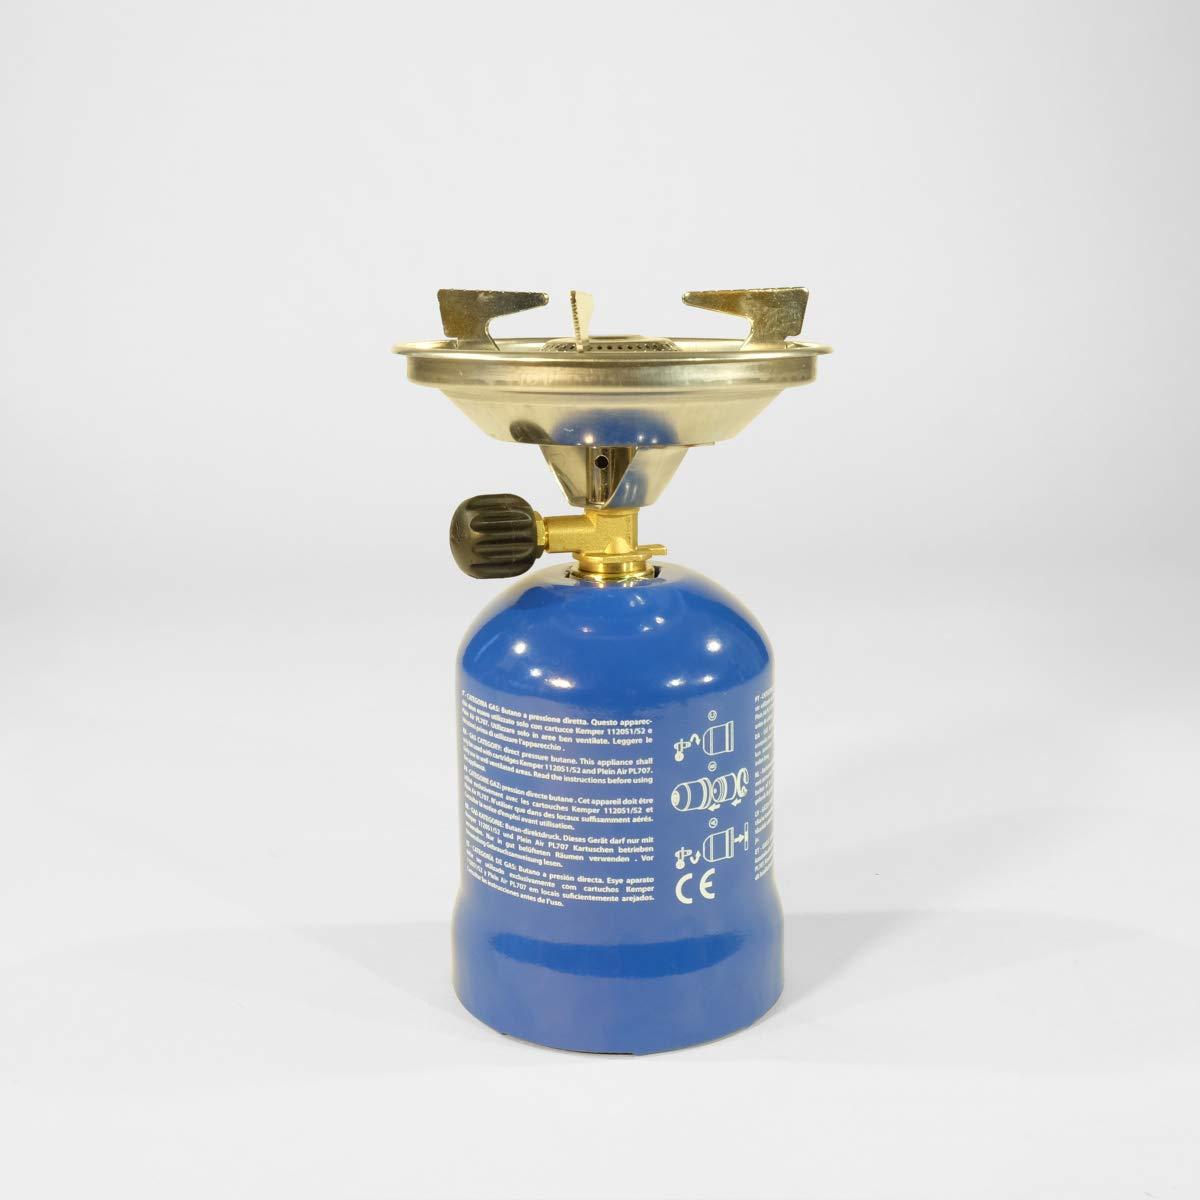 Réchaud à gaz Kemper métal - Réchaud à gaz avec 4 cartouches ...